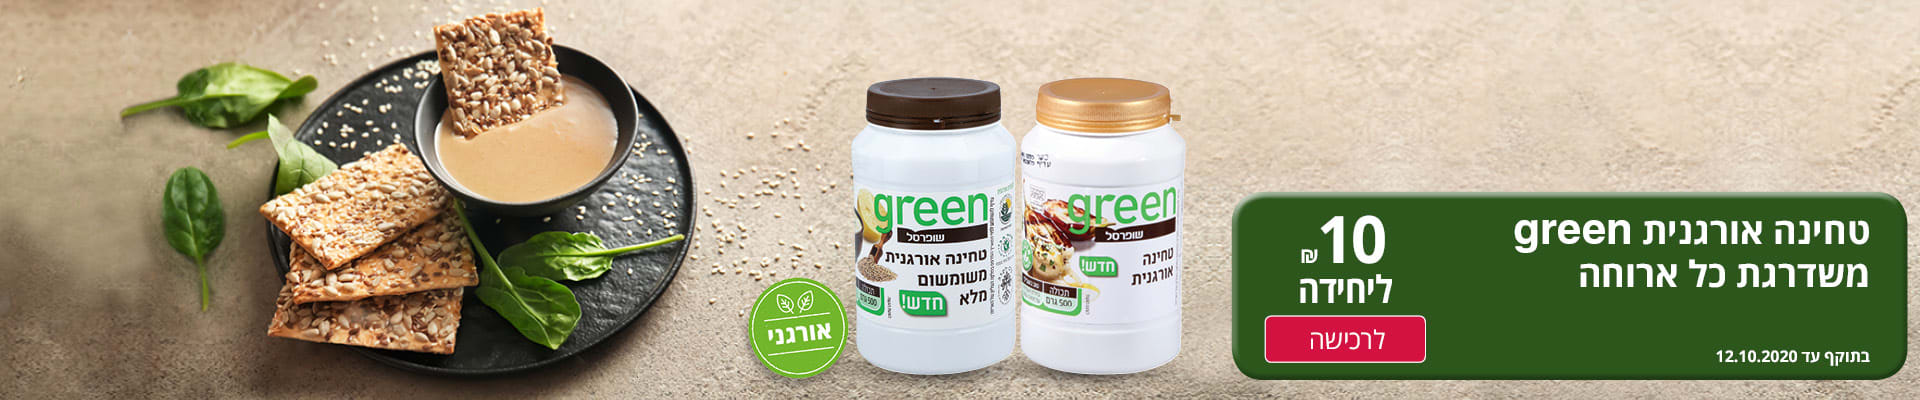 טחינה אורגנית green משדרגת כל ארוחה ב-10 ₪ ליחידה. בתוקף עד 12.10.2020.